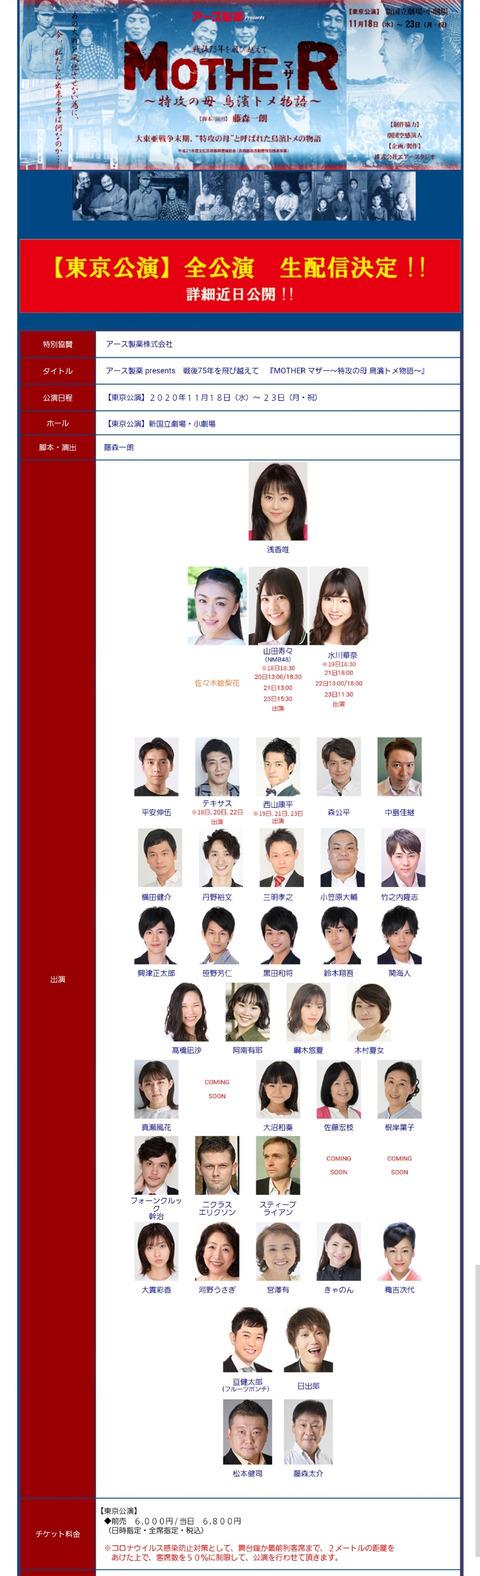 【NMB48】女優目指し卒業発表した山田寿々、さっそく舞台デビュー!